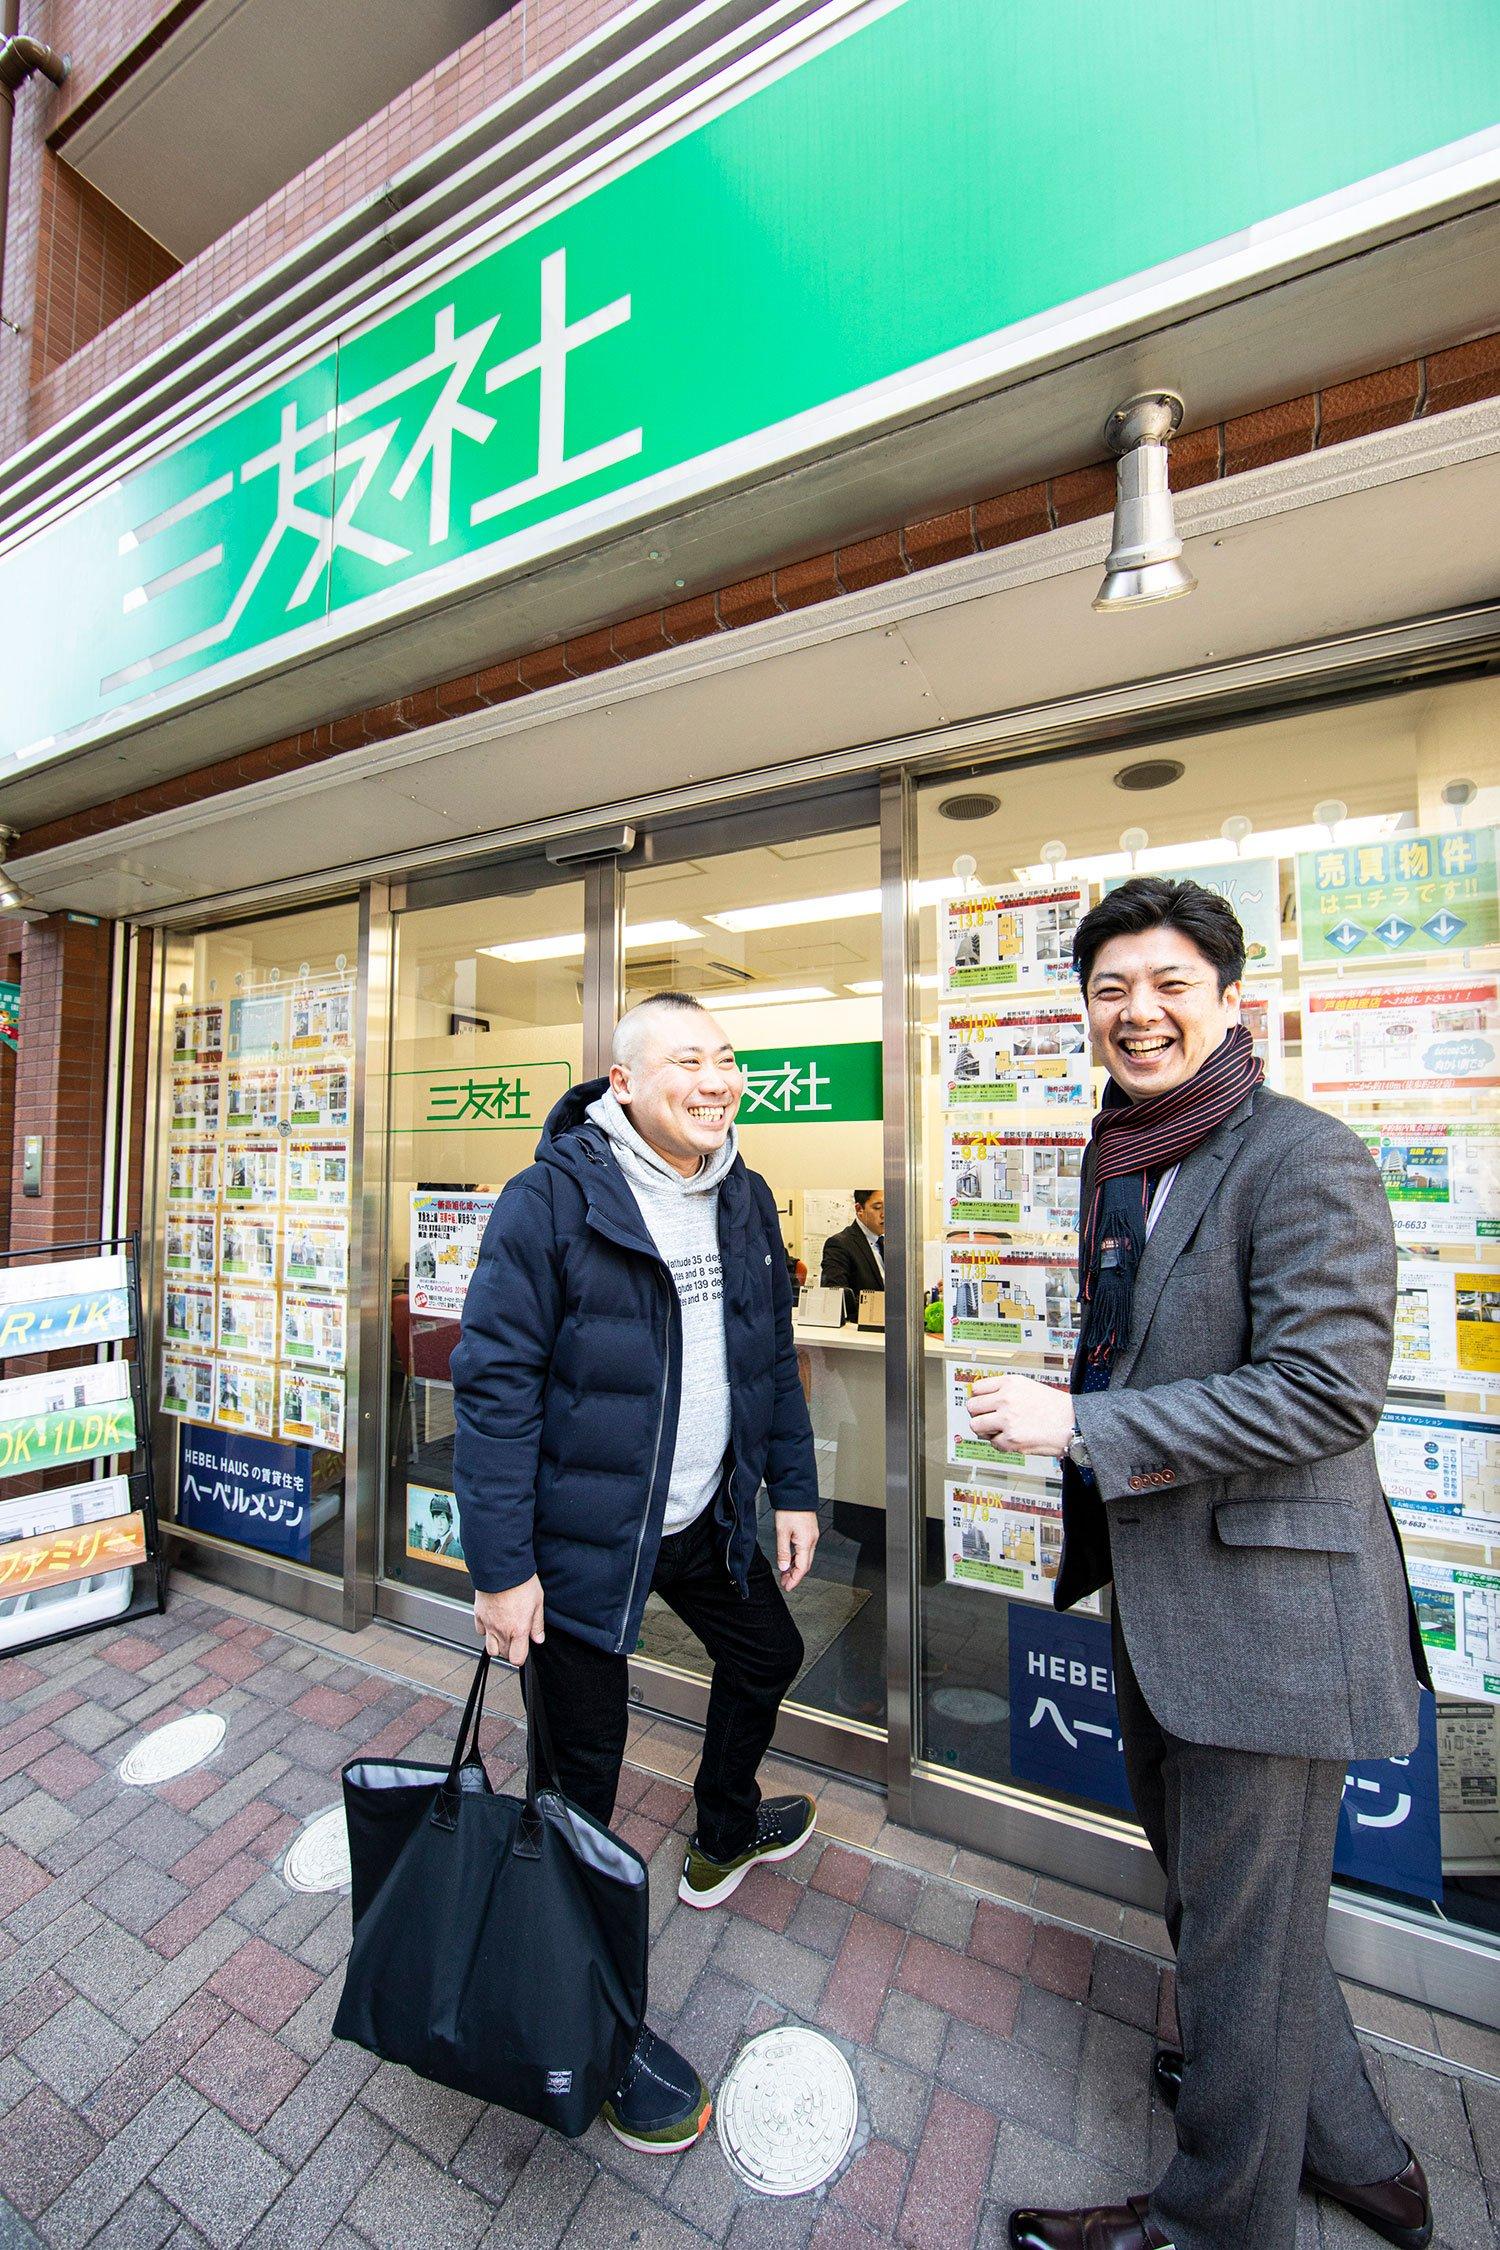 宮治さんの戸越銀座愛を深めるきっかけをつくった不動産会社『三友社』の福本さんとは、落語家になる前からの付き合い。